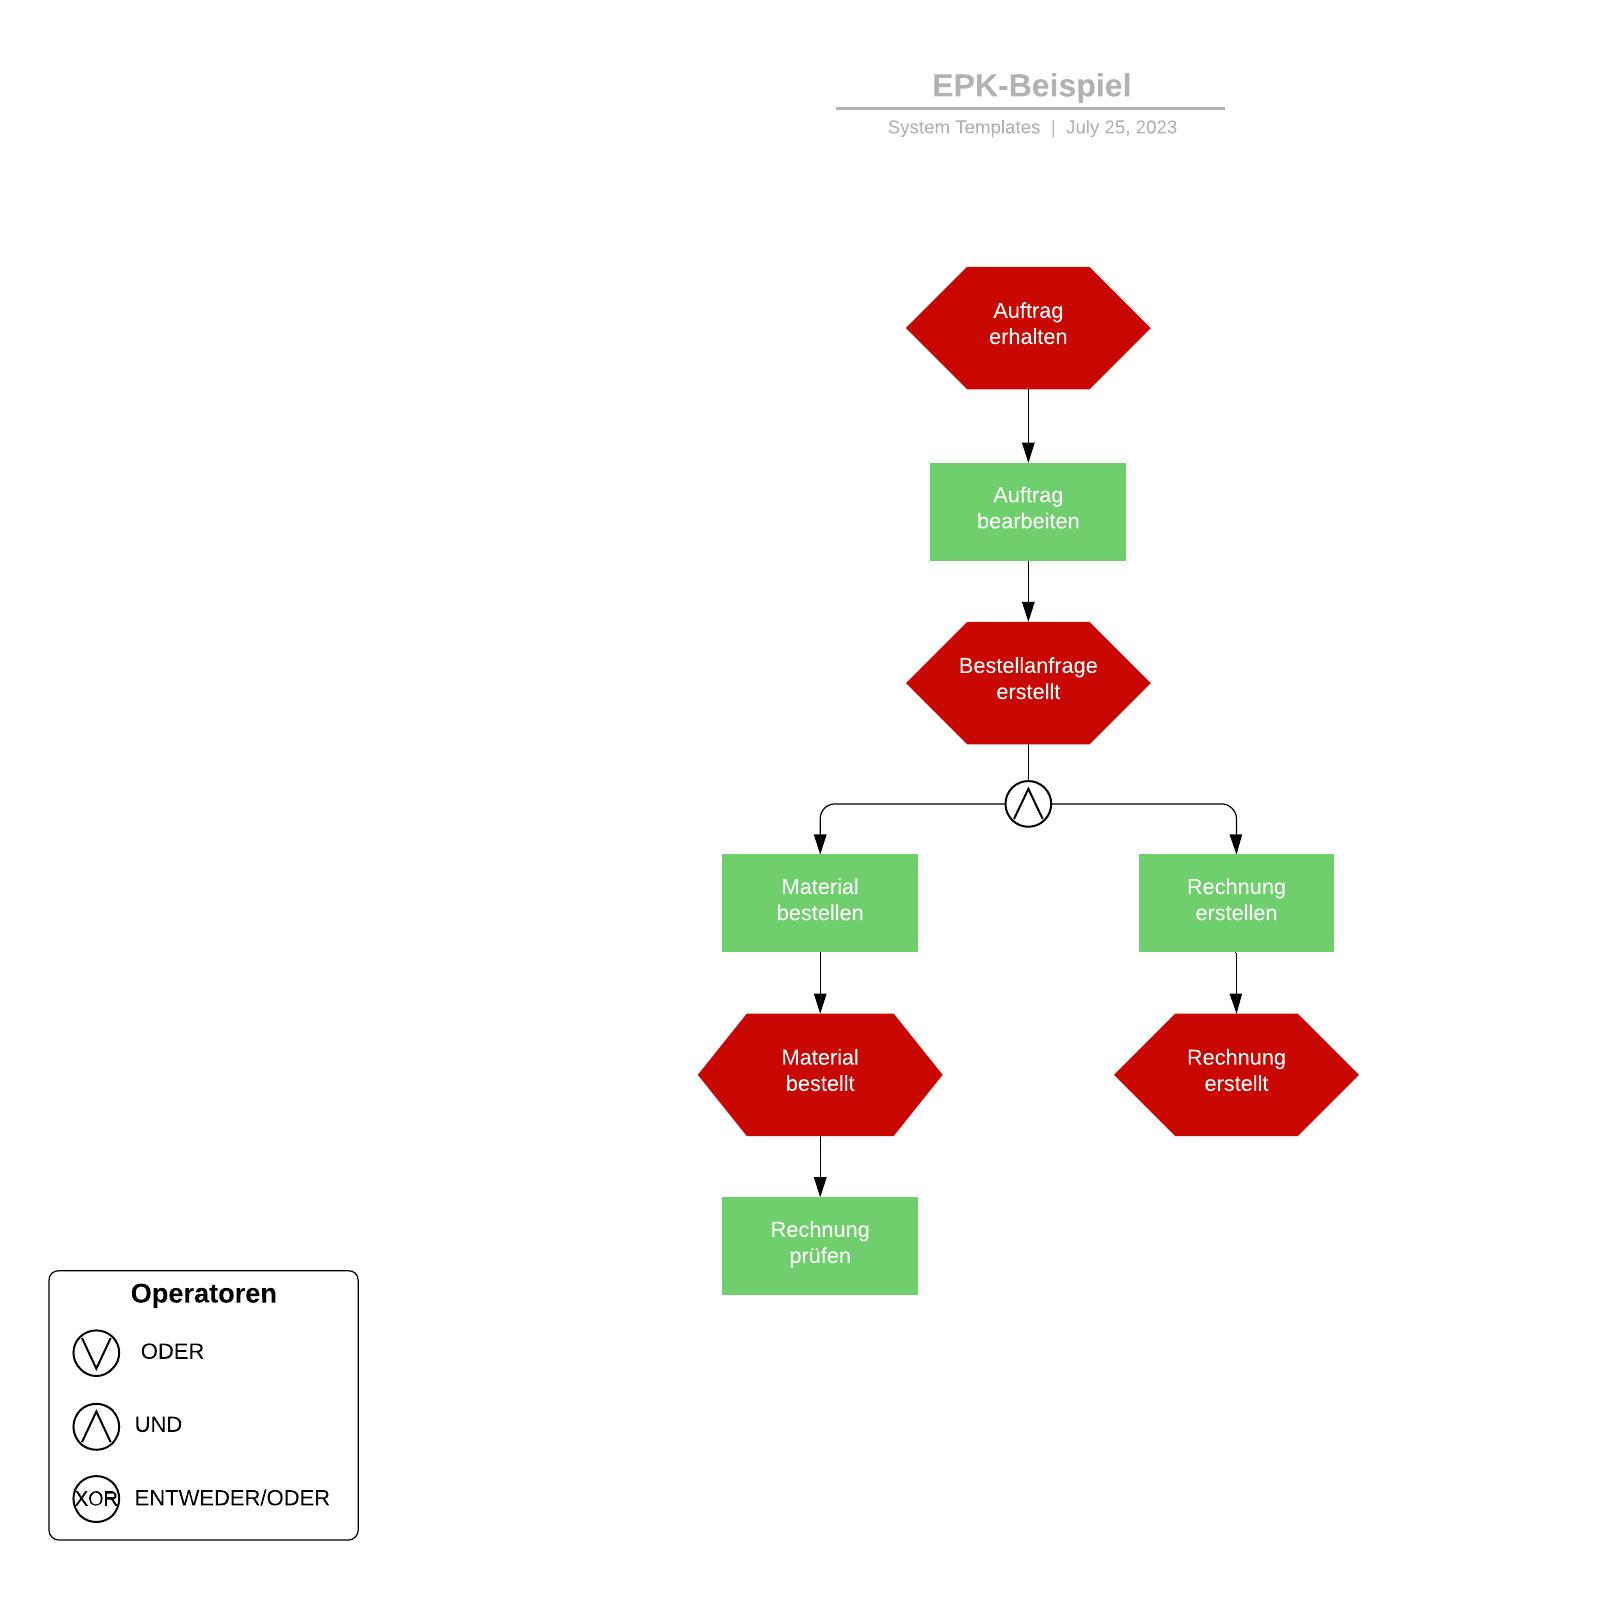 Ereignisgesteuerte Prozesskette (EPK) - Beispiel